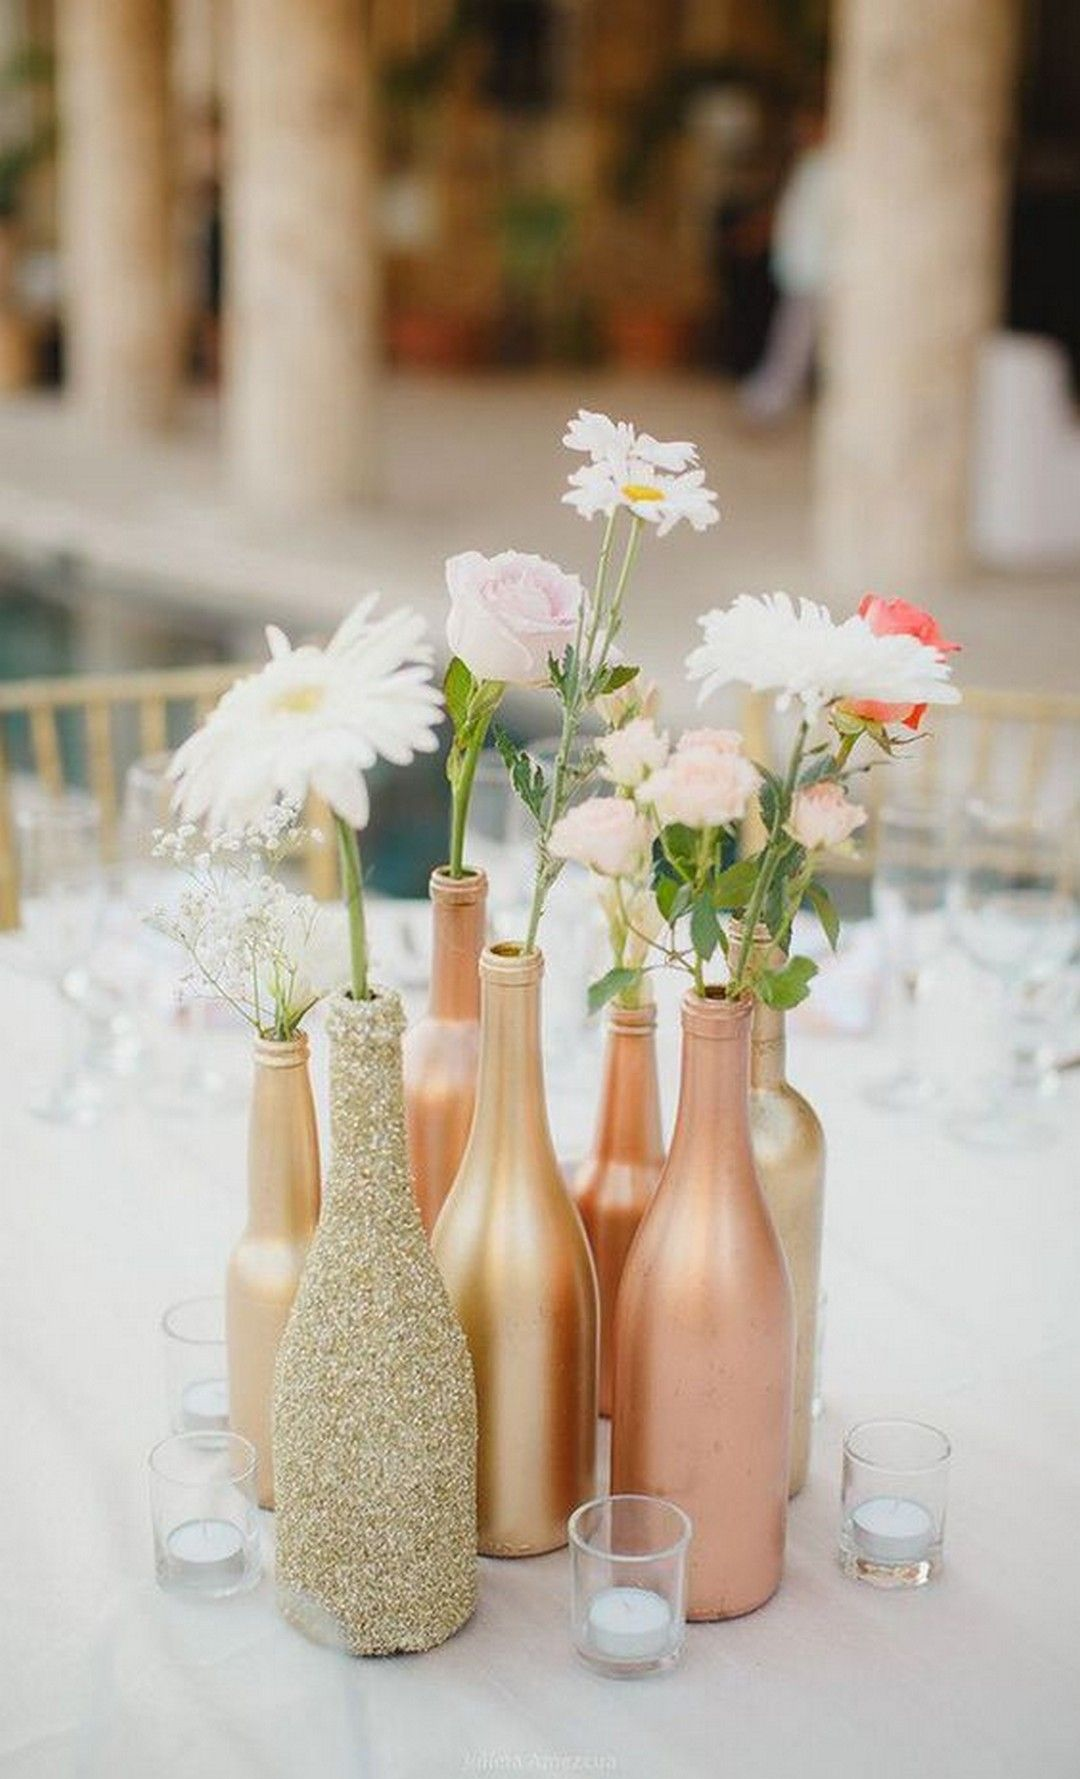 Machen Sie sich bereit für 2018 Beste DIY Hochzeit Dekoration Ideen zu verbessern #partybudgeting